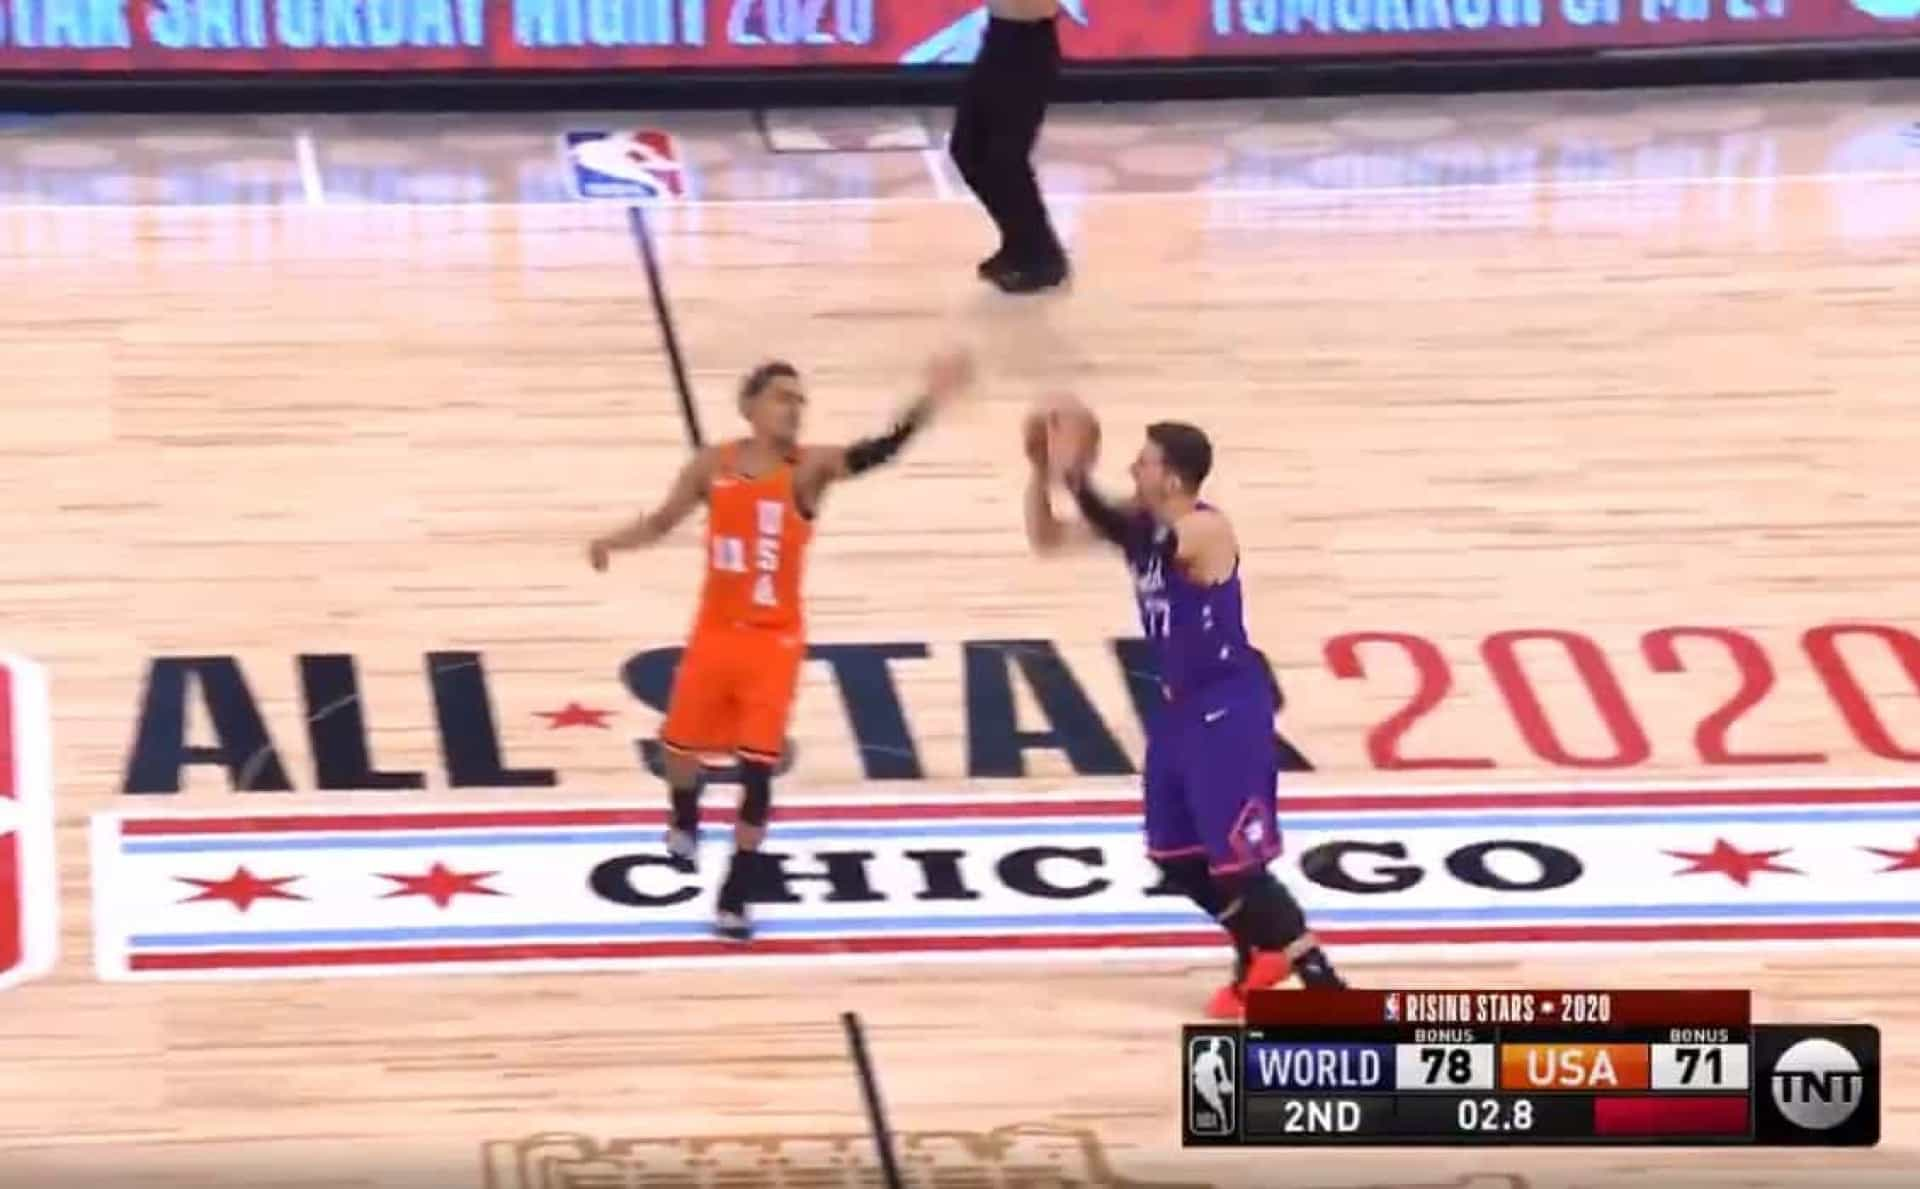 Doncic e o triplo no Rising Stars da NBA que nem ele acreditava